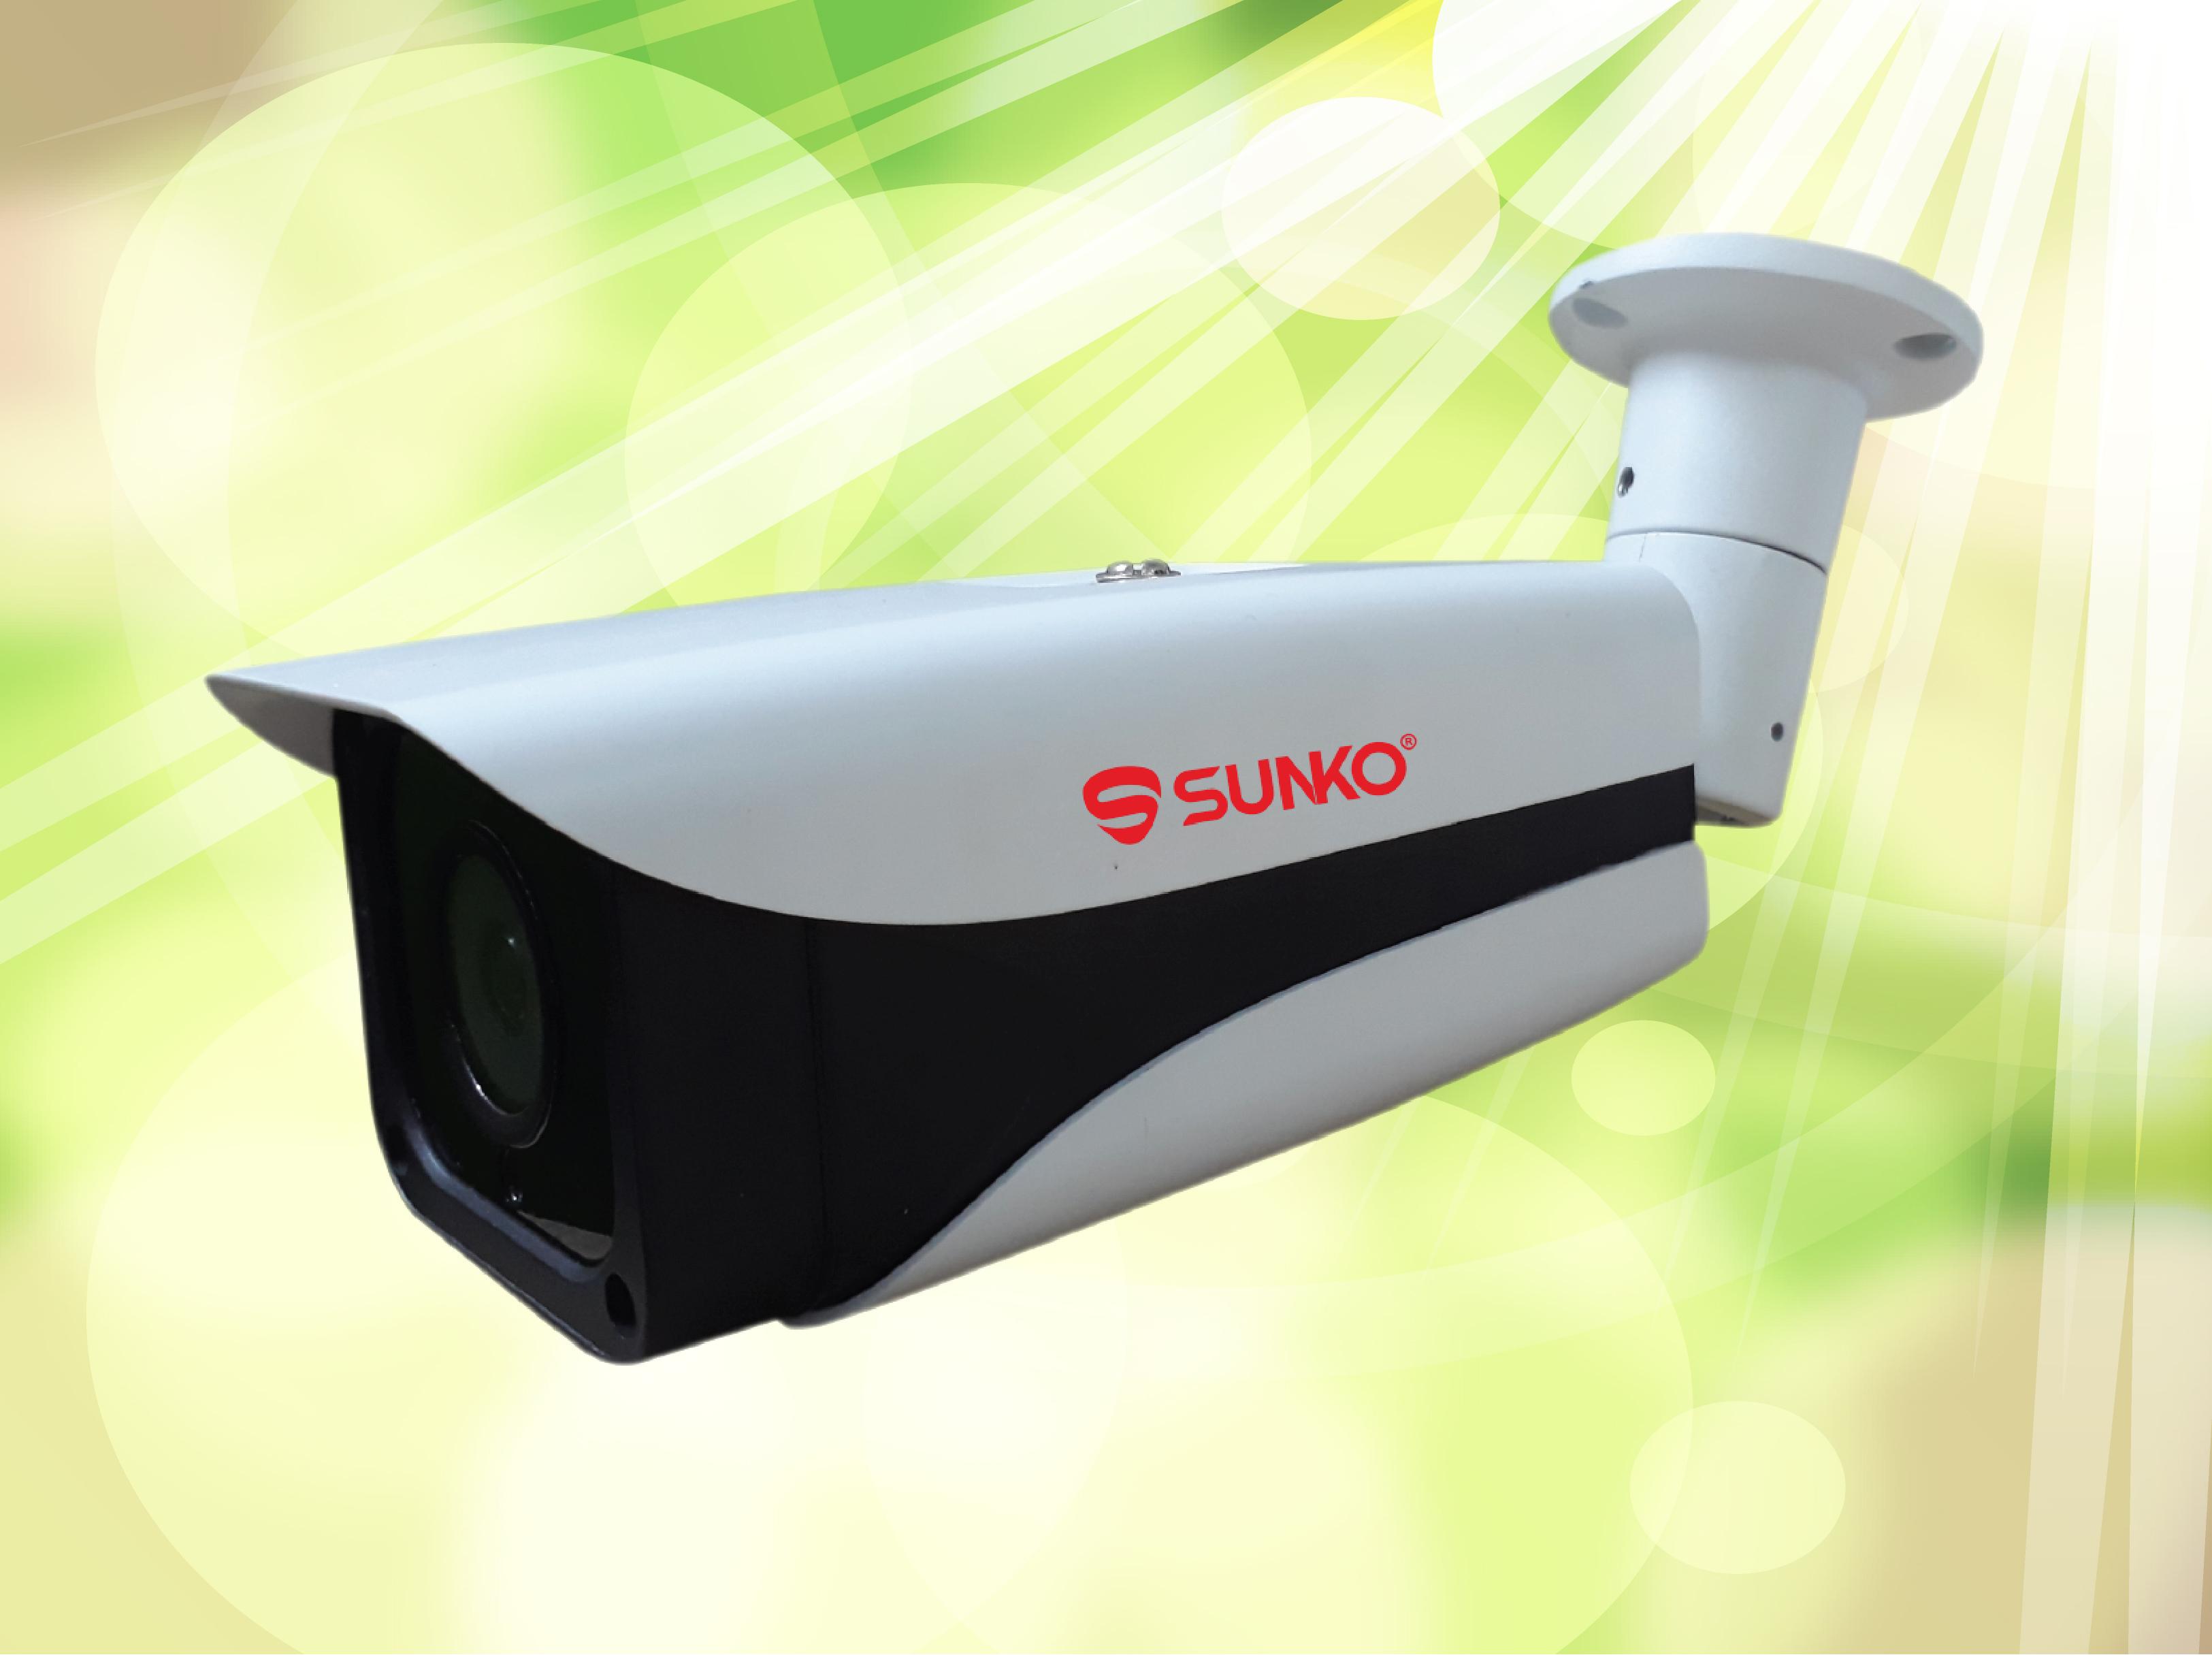 MODEL: SK-2620-I7N